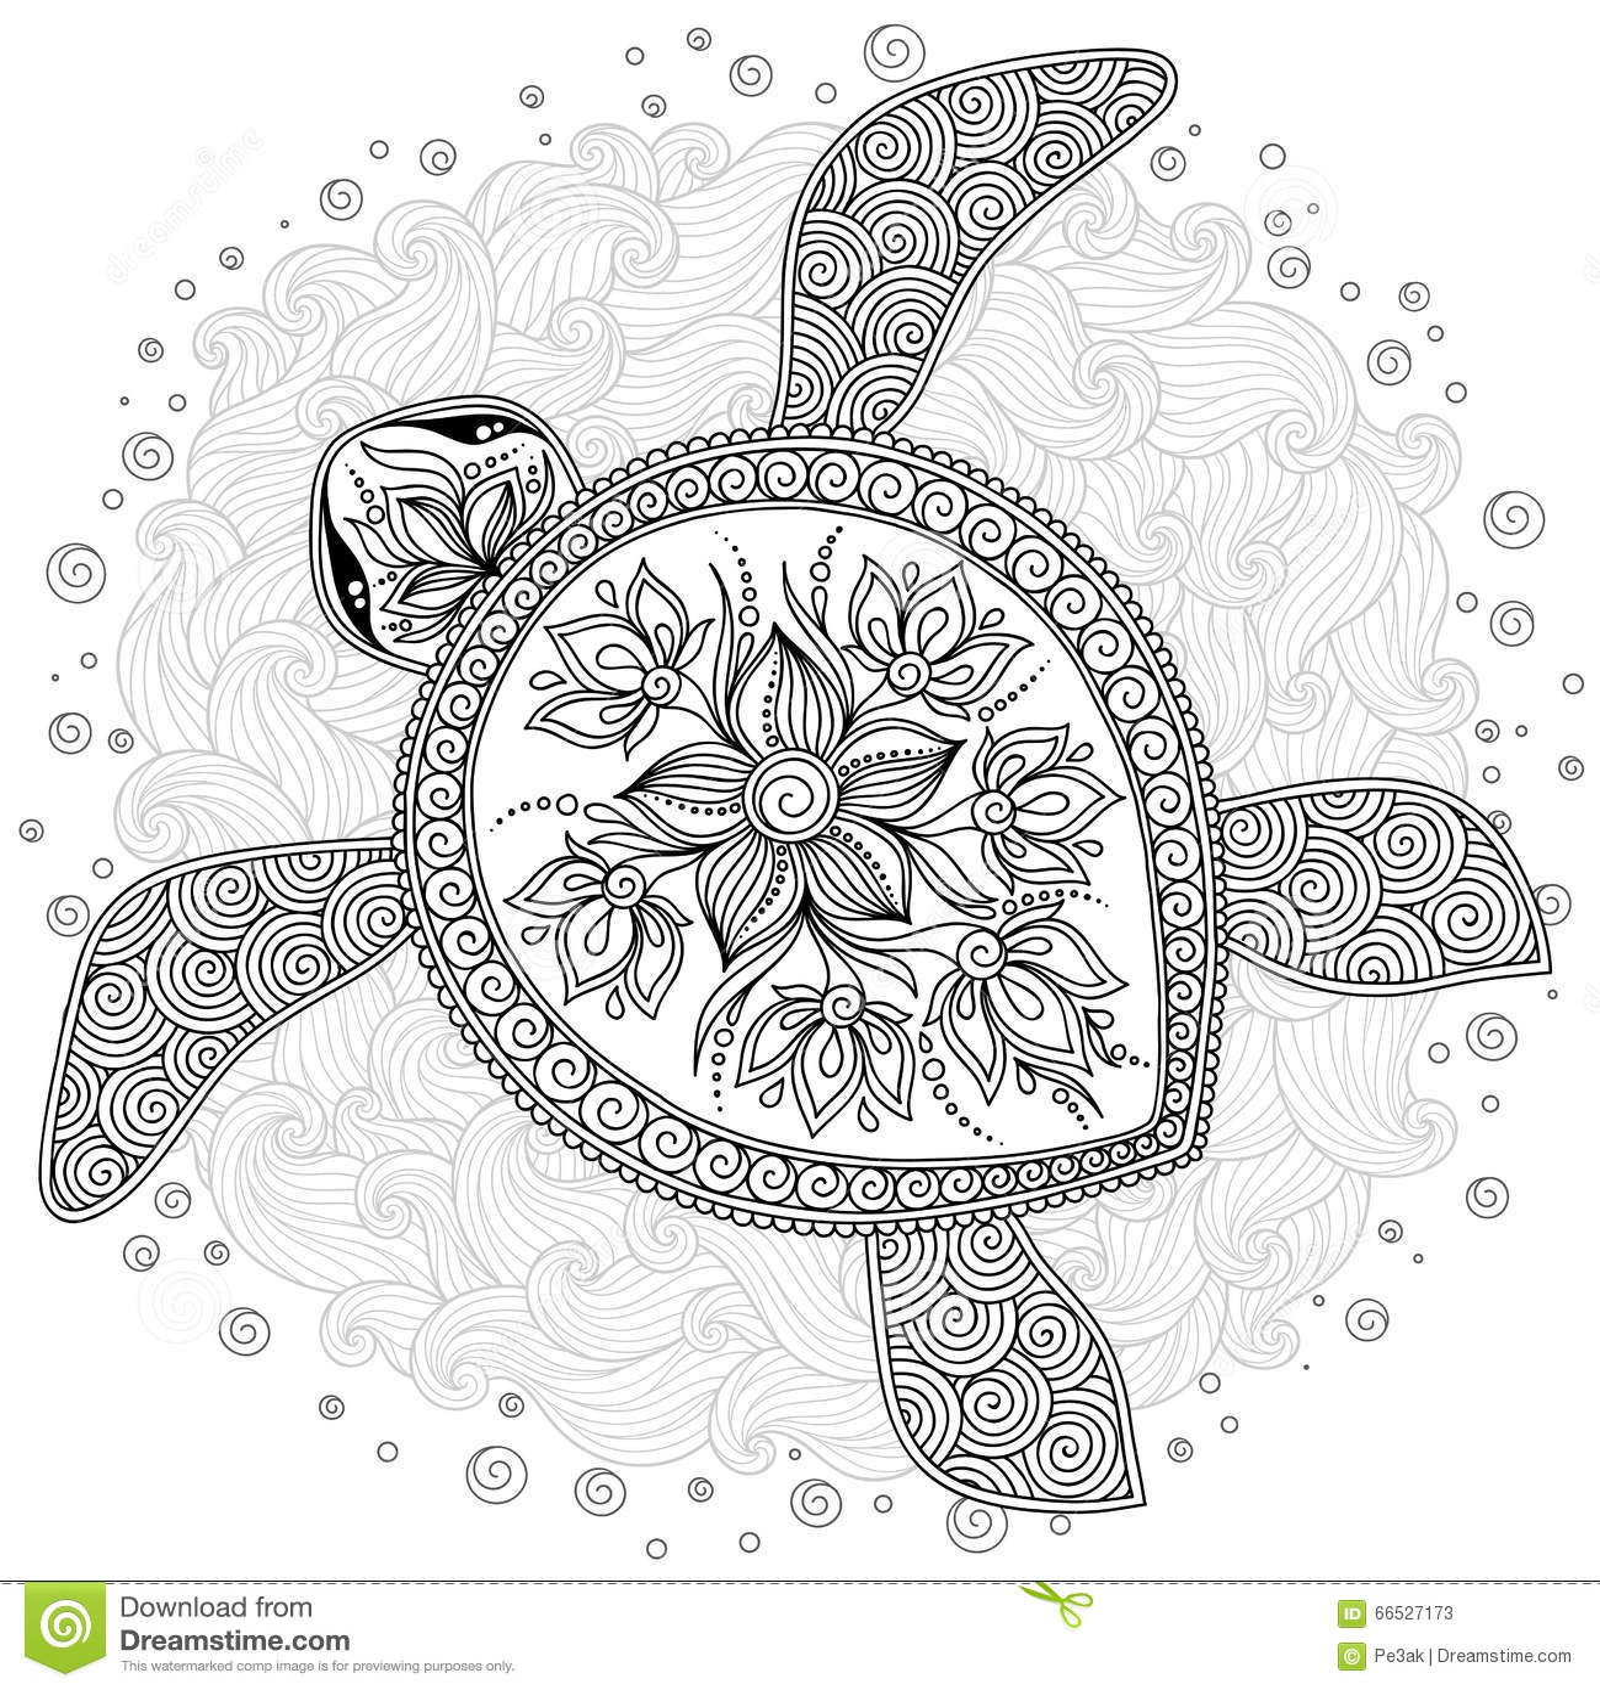 Volwassen Kleurplaten Schildpad Patroon Voor Het Kleuren Van Boek Decoratieve Grafische